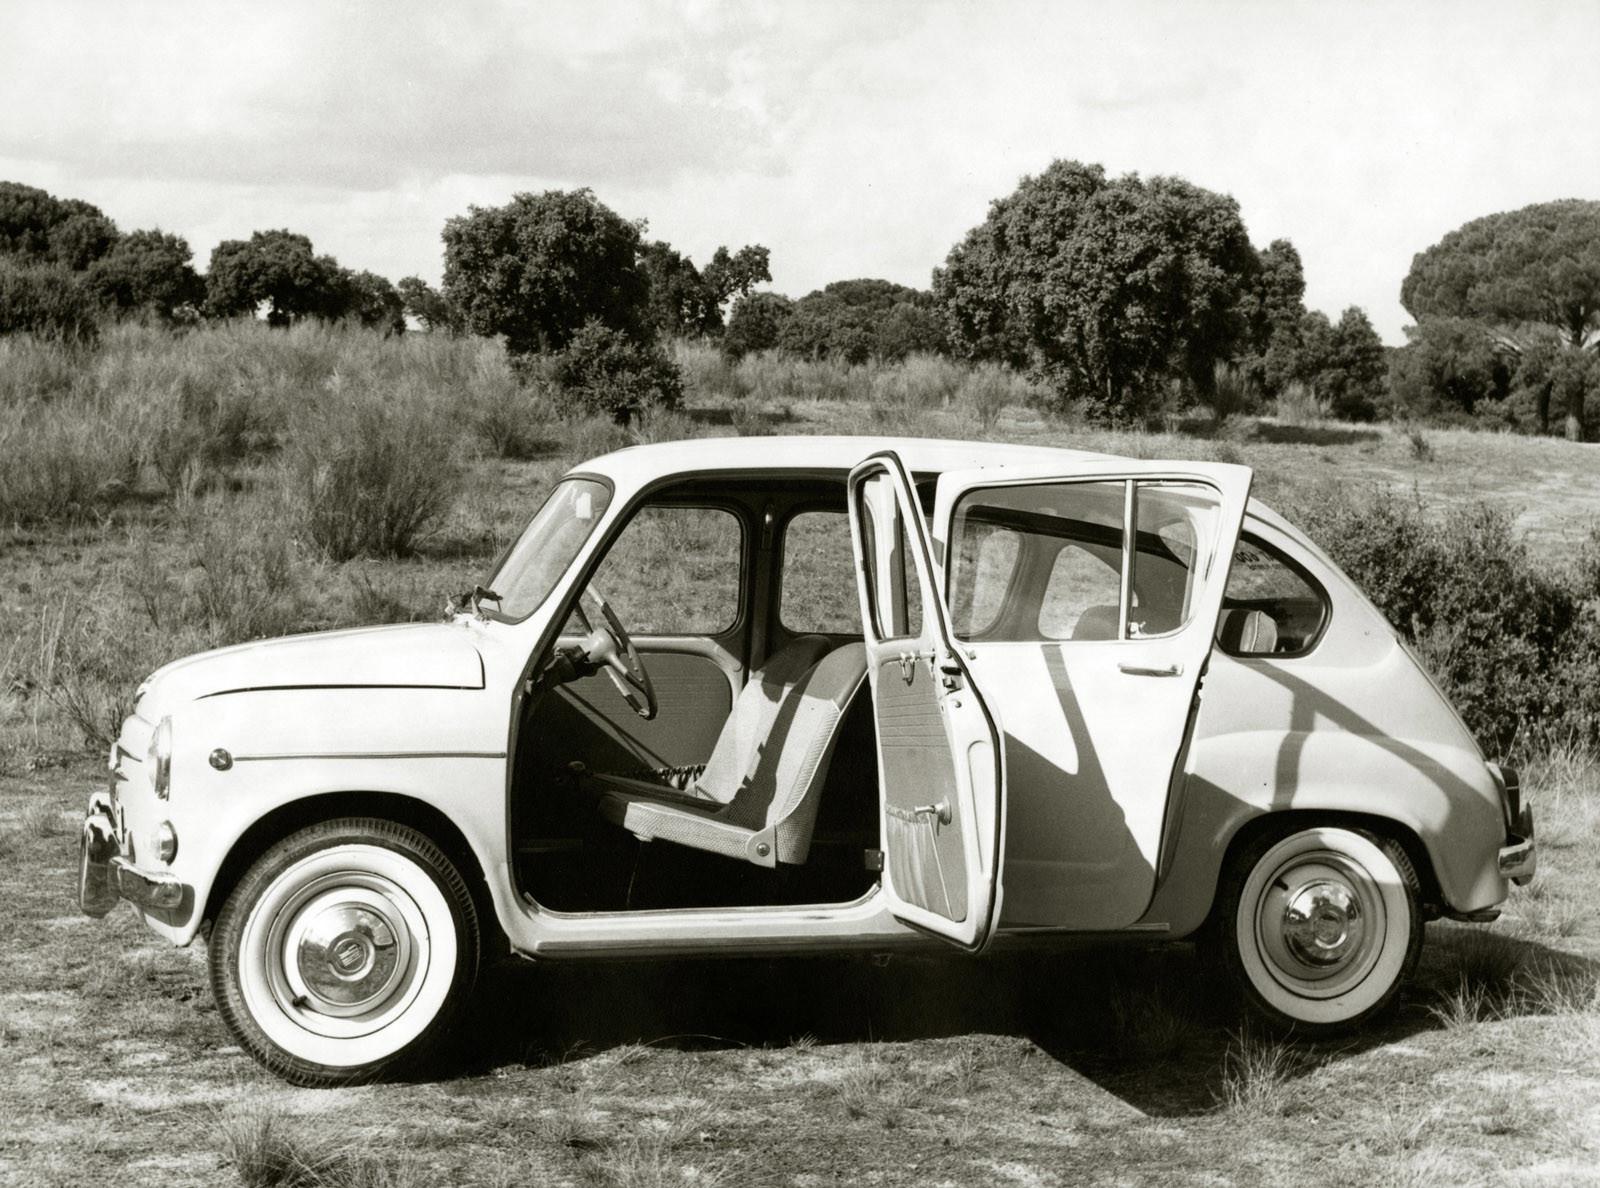 Foto de SEAT 600 (50 Aniversario) (45/64)